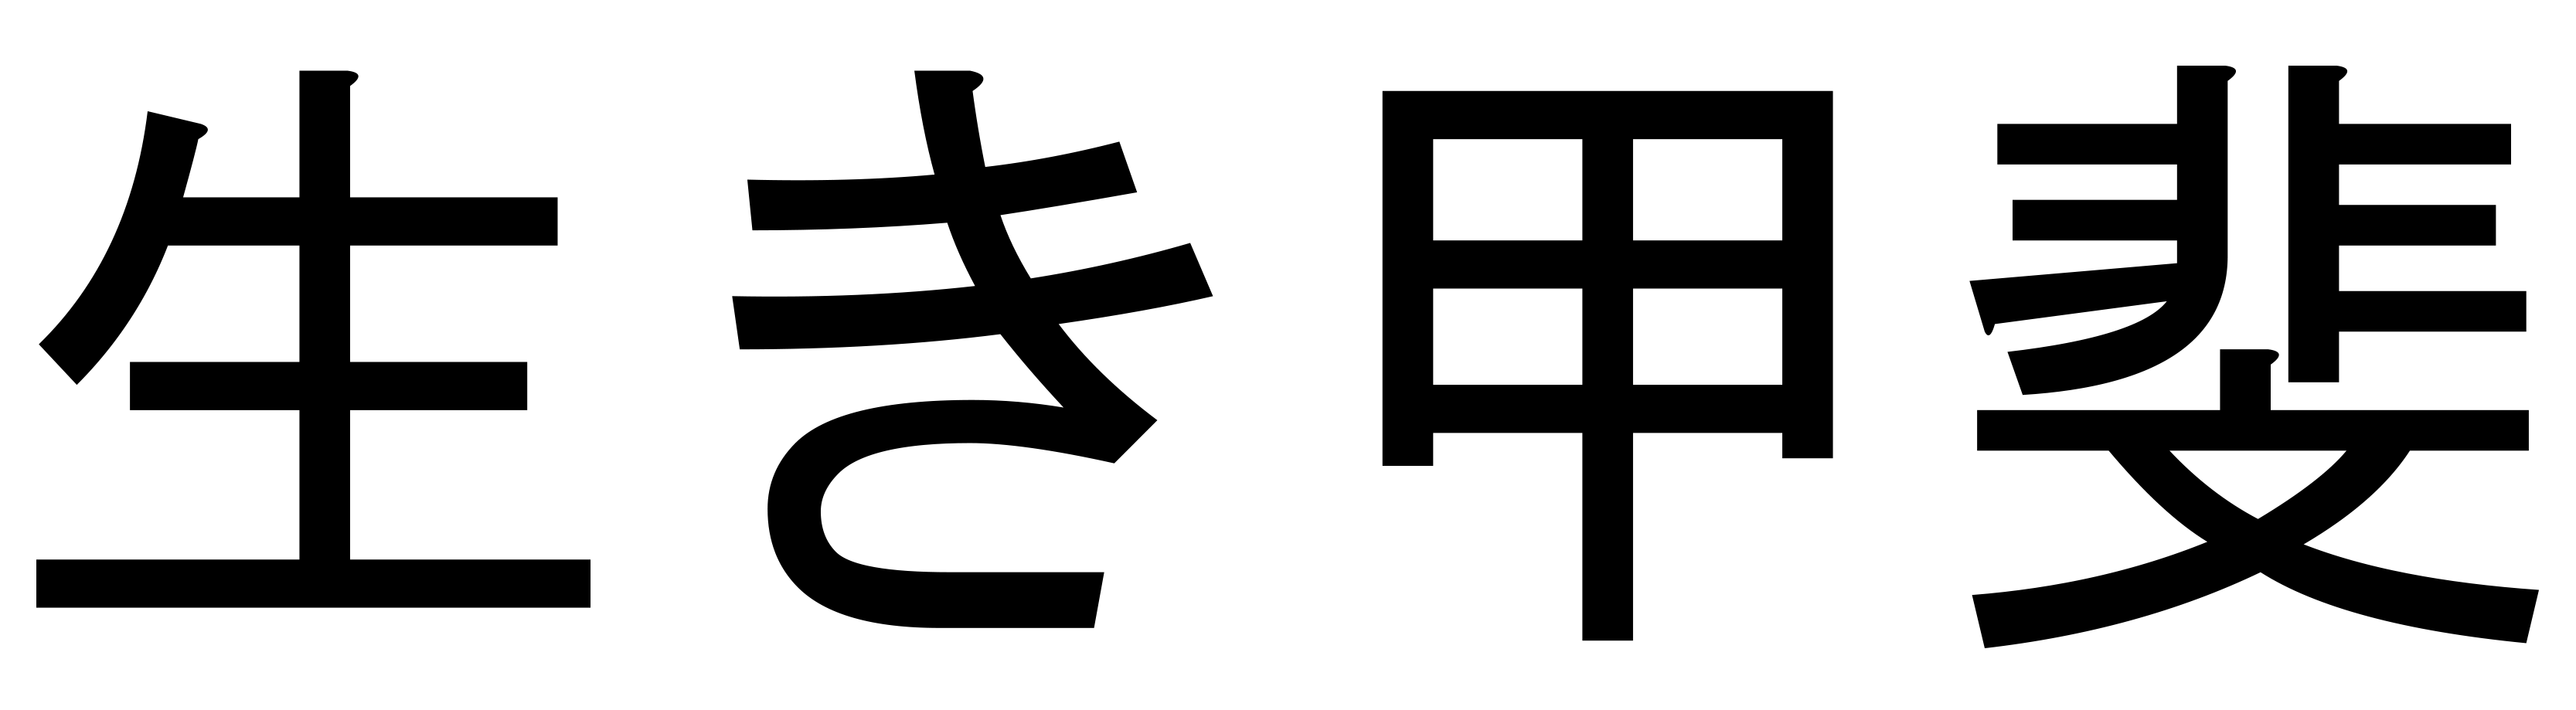 ikigia